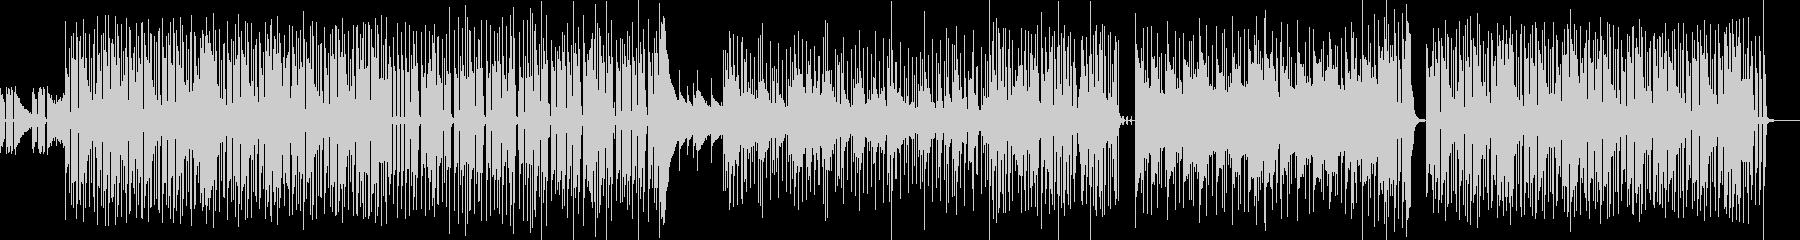 バンド形式のドライなピアノ&クラビBGMの未再生の波形